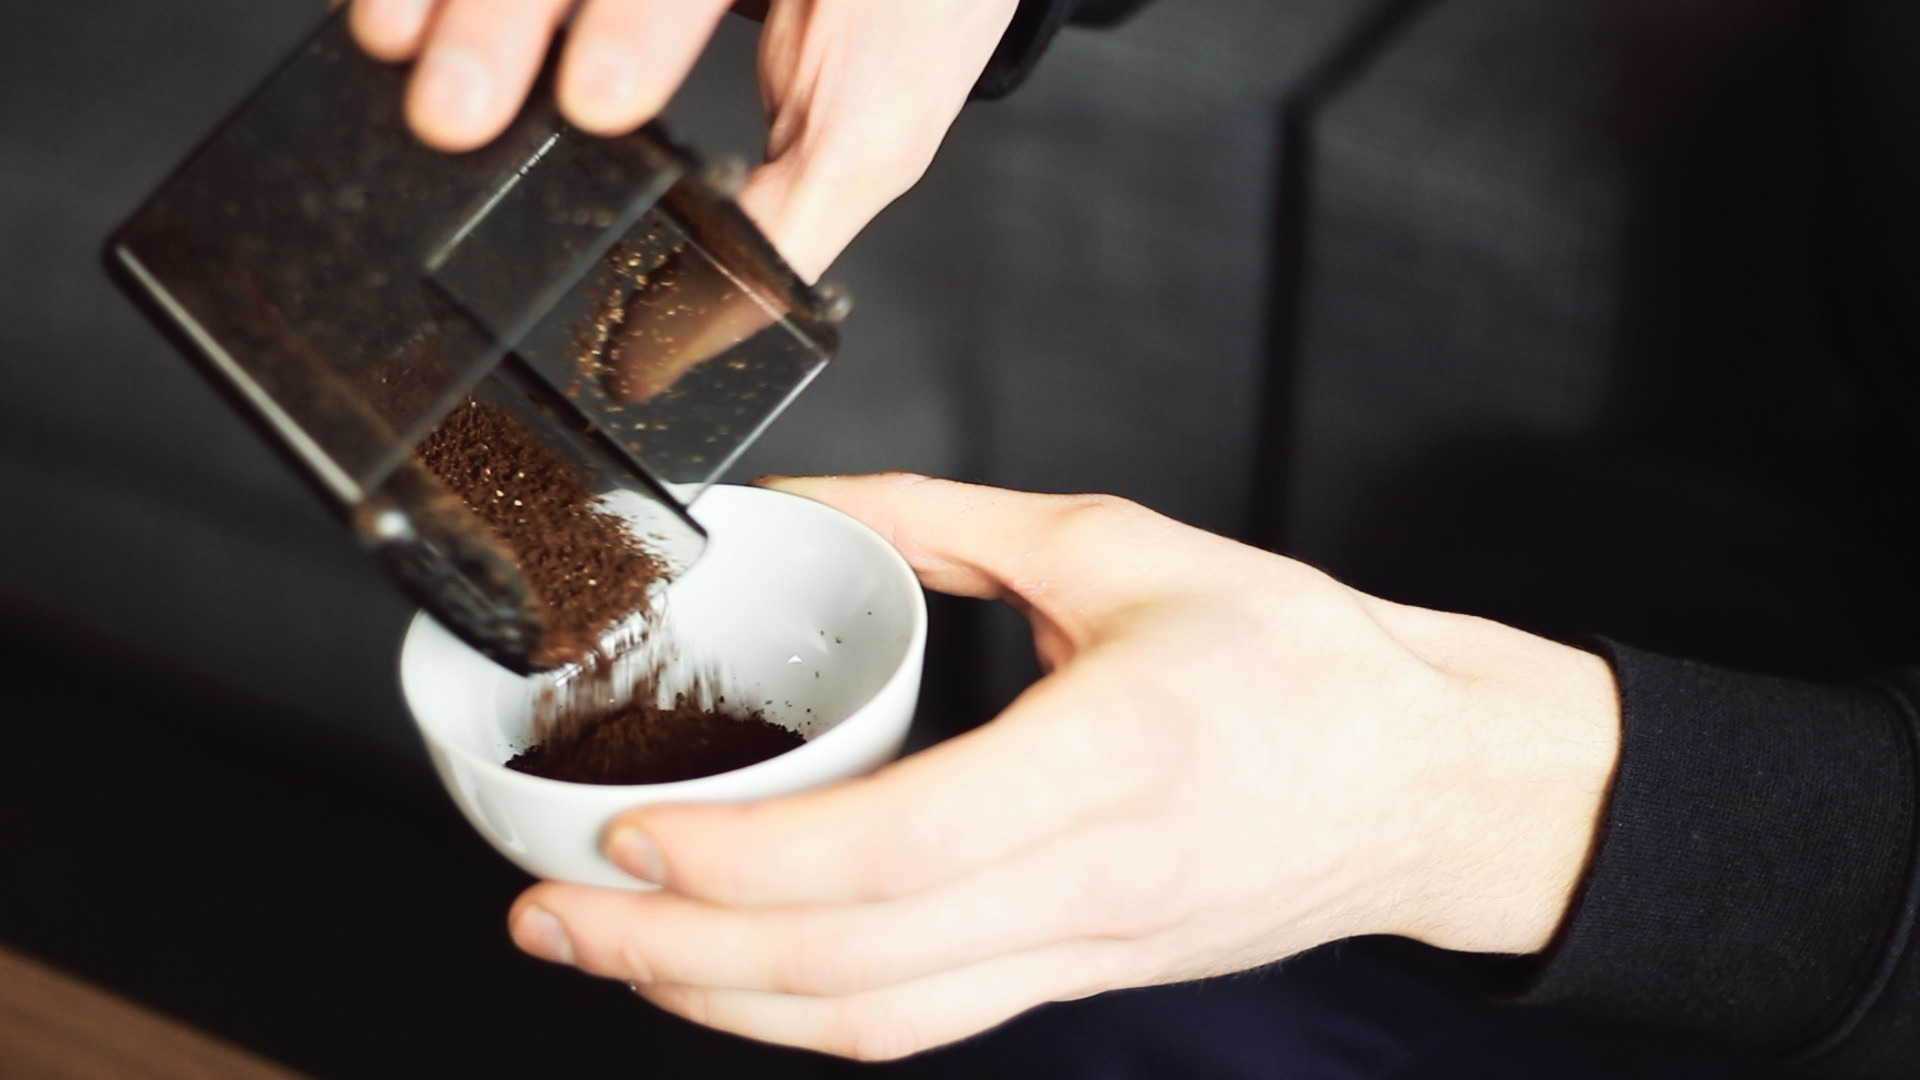 Jak przechowywać mieloną kawę? W zamrażarce?